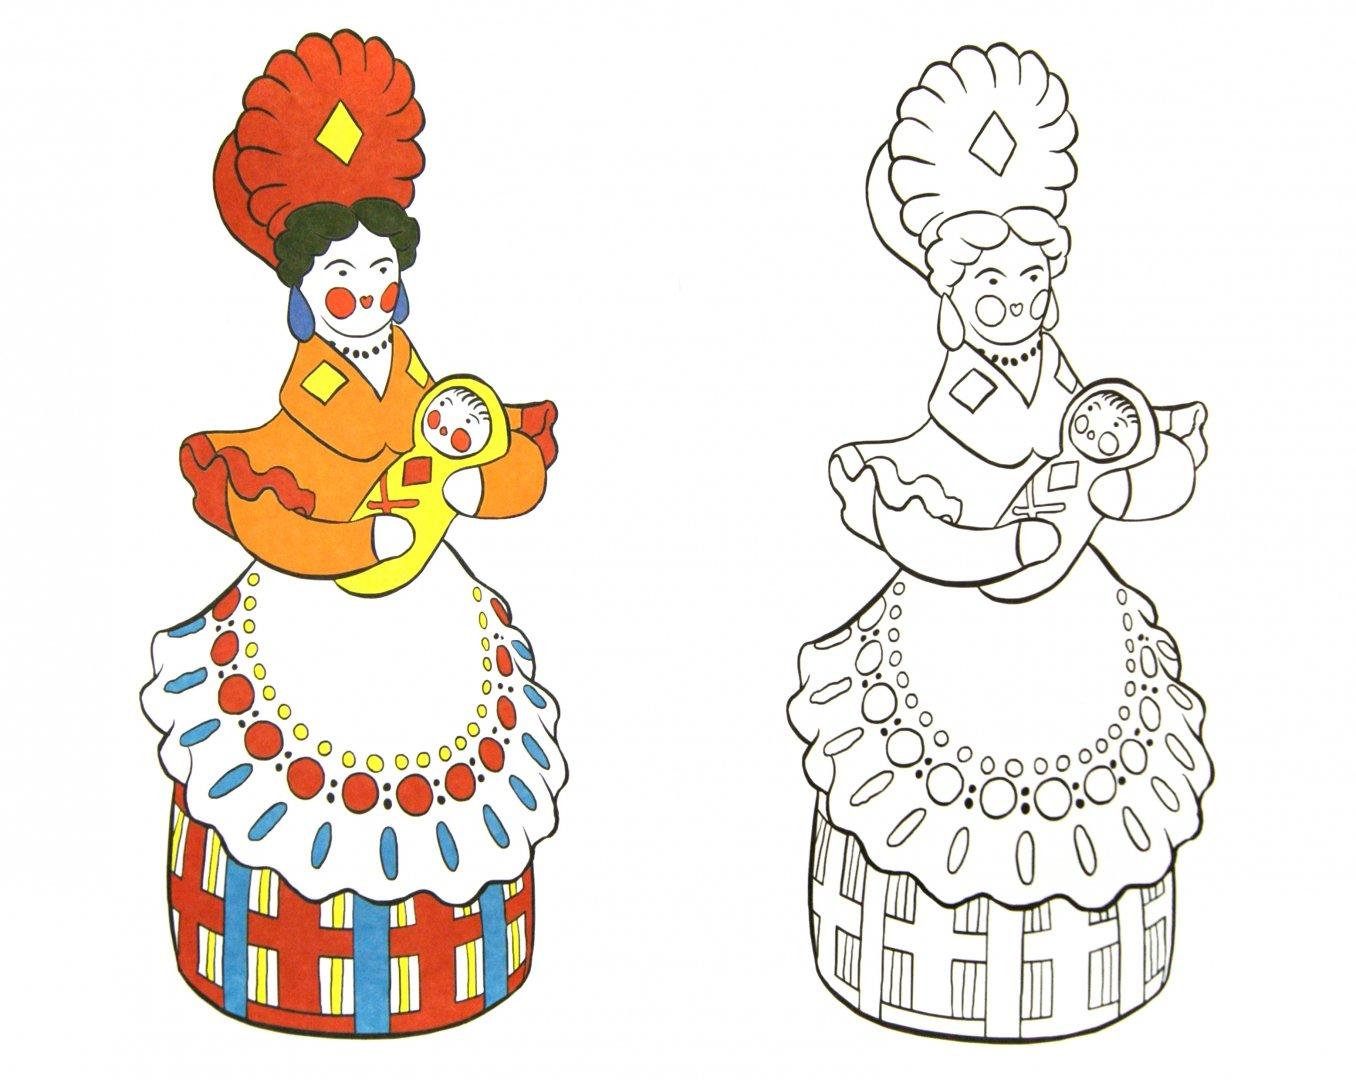 анекдоты дымковская роспись картинки раскраски распечатать раскраску